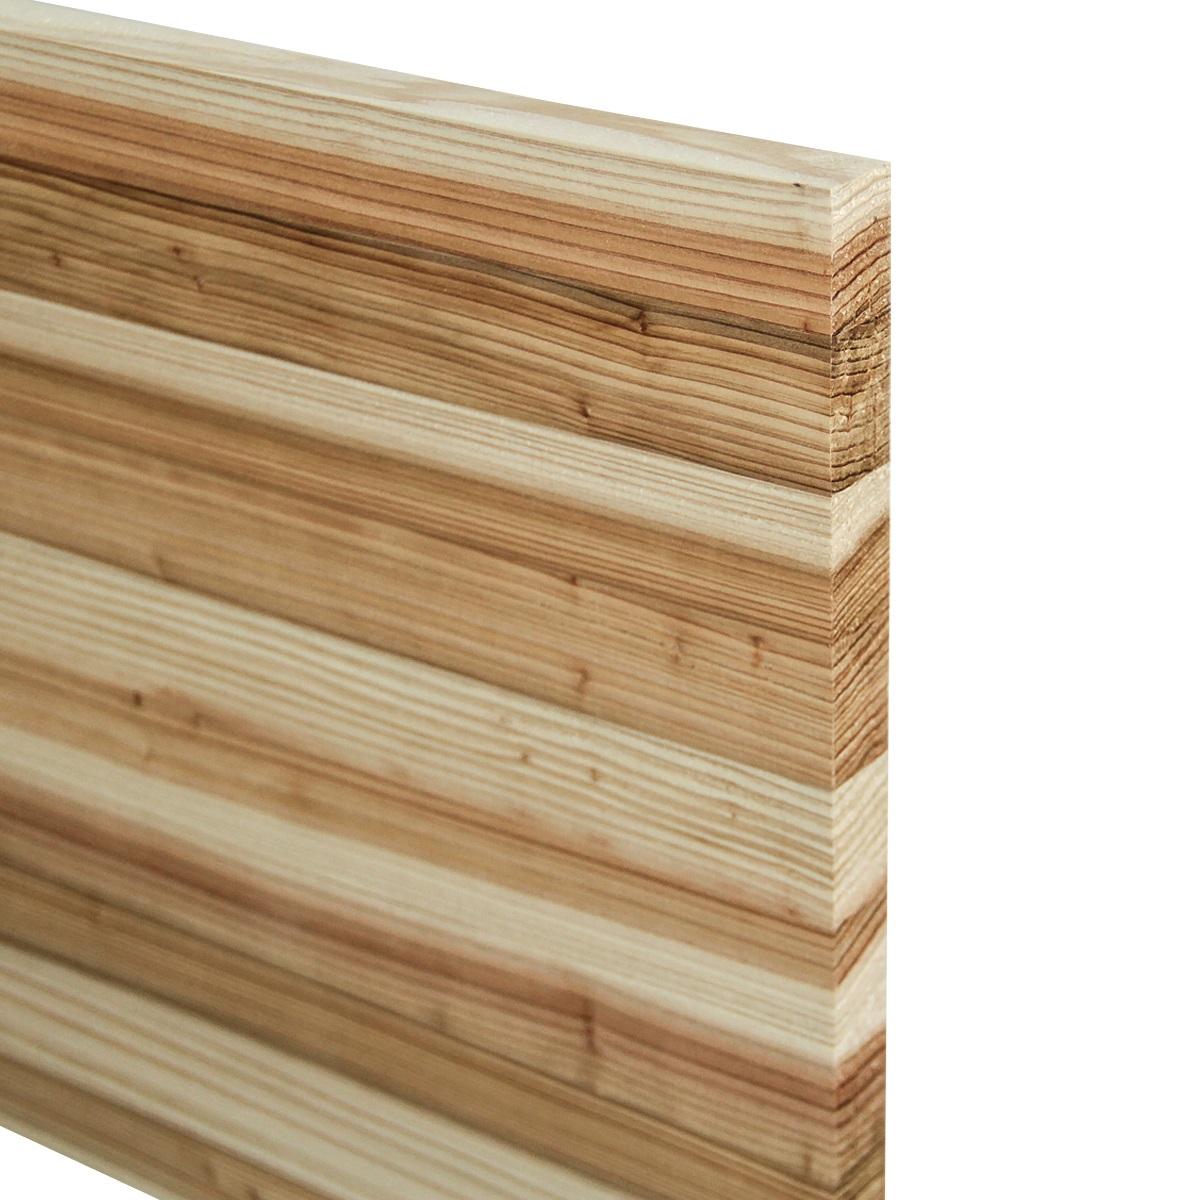 集成材/杉 幅はぎ 柾目風 20x300x600(mm)